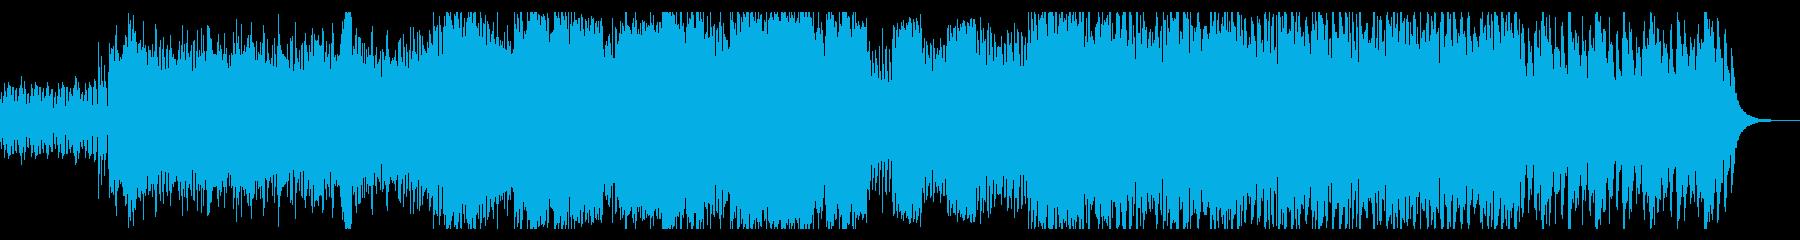 元気になれる応援曲的な吹奏楽曲の再生済みの波形